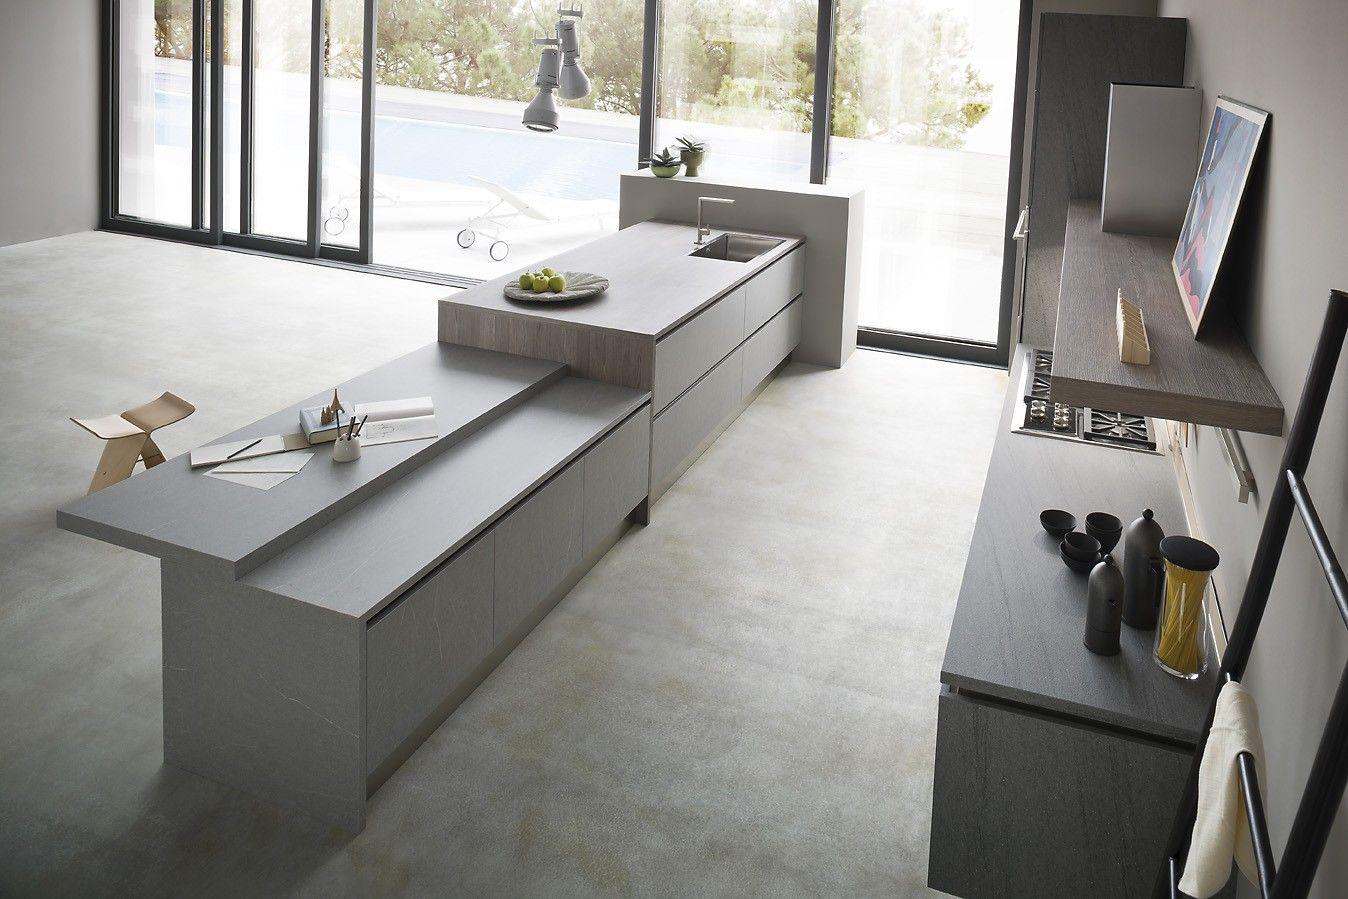 Cocinas, muebles de cocina y armariadas de cocina - David Moreno ...